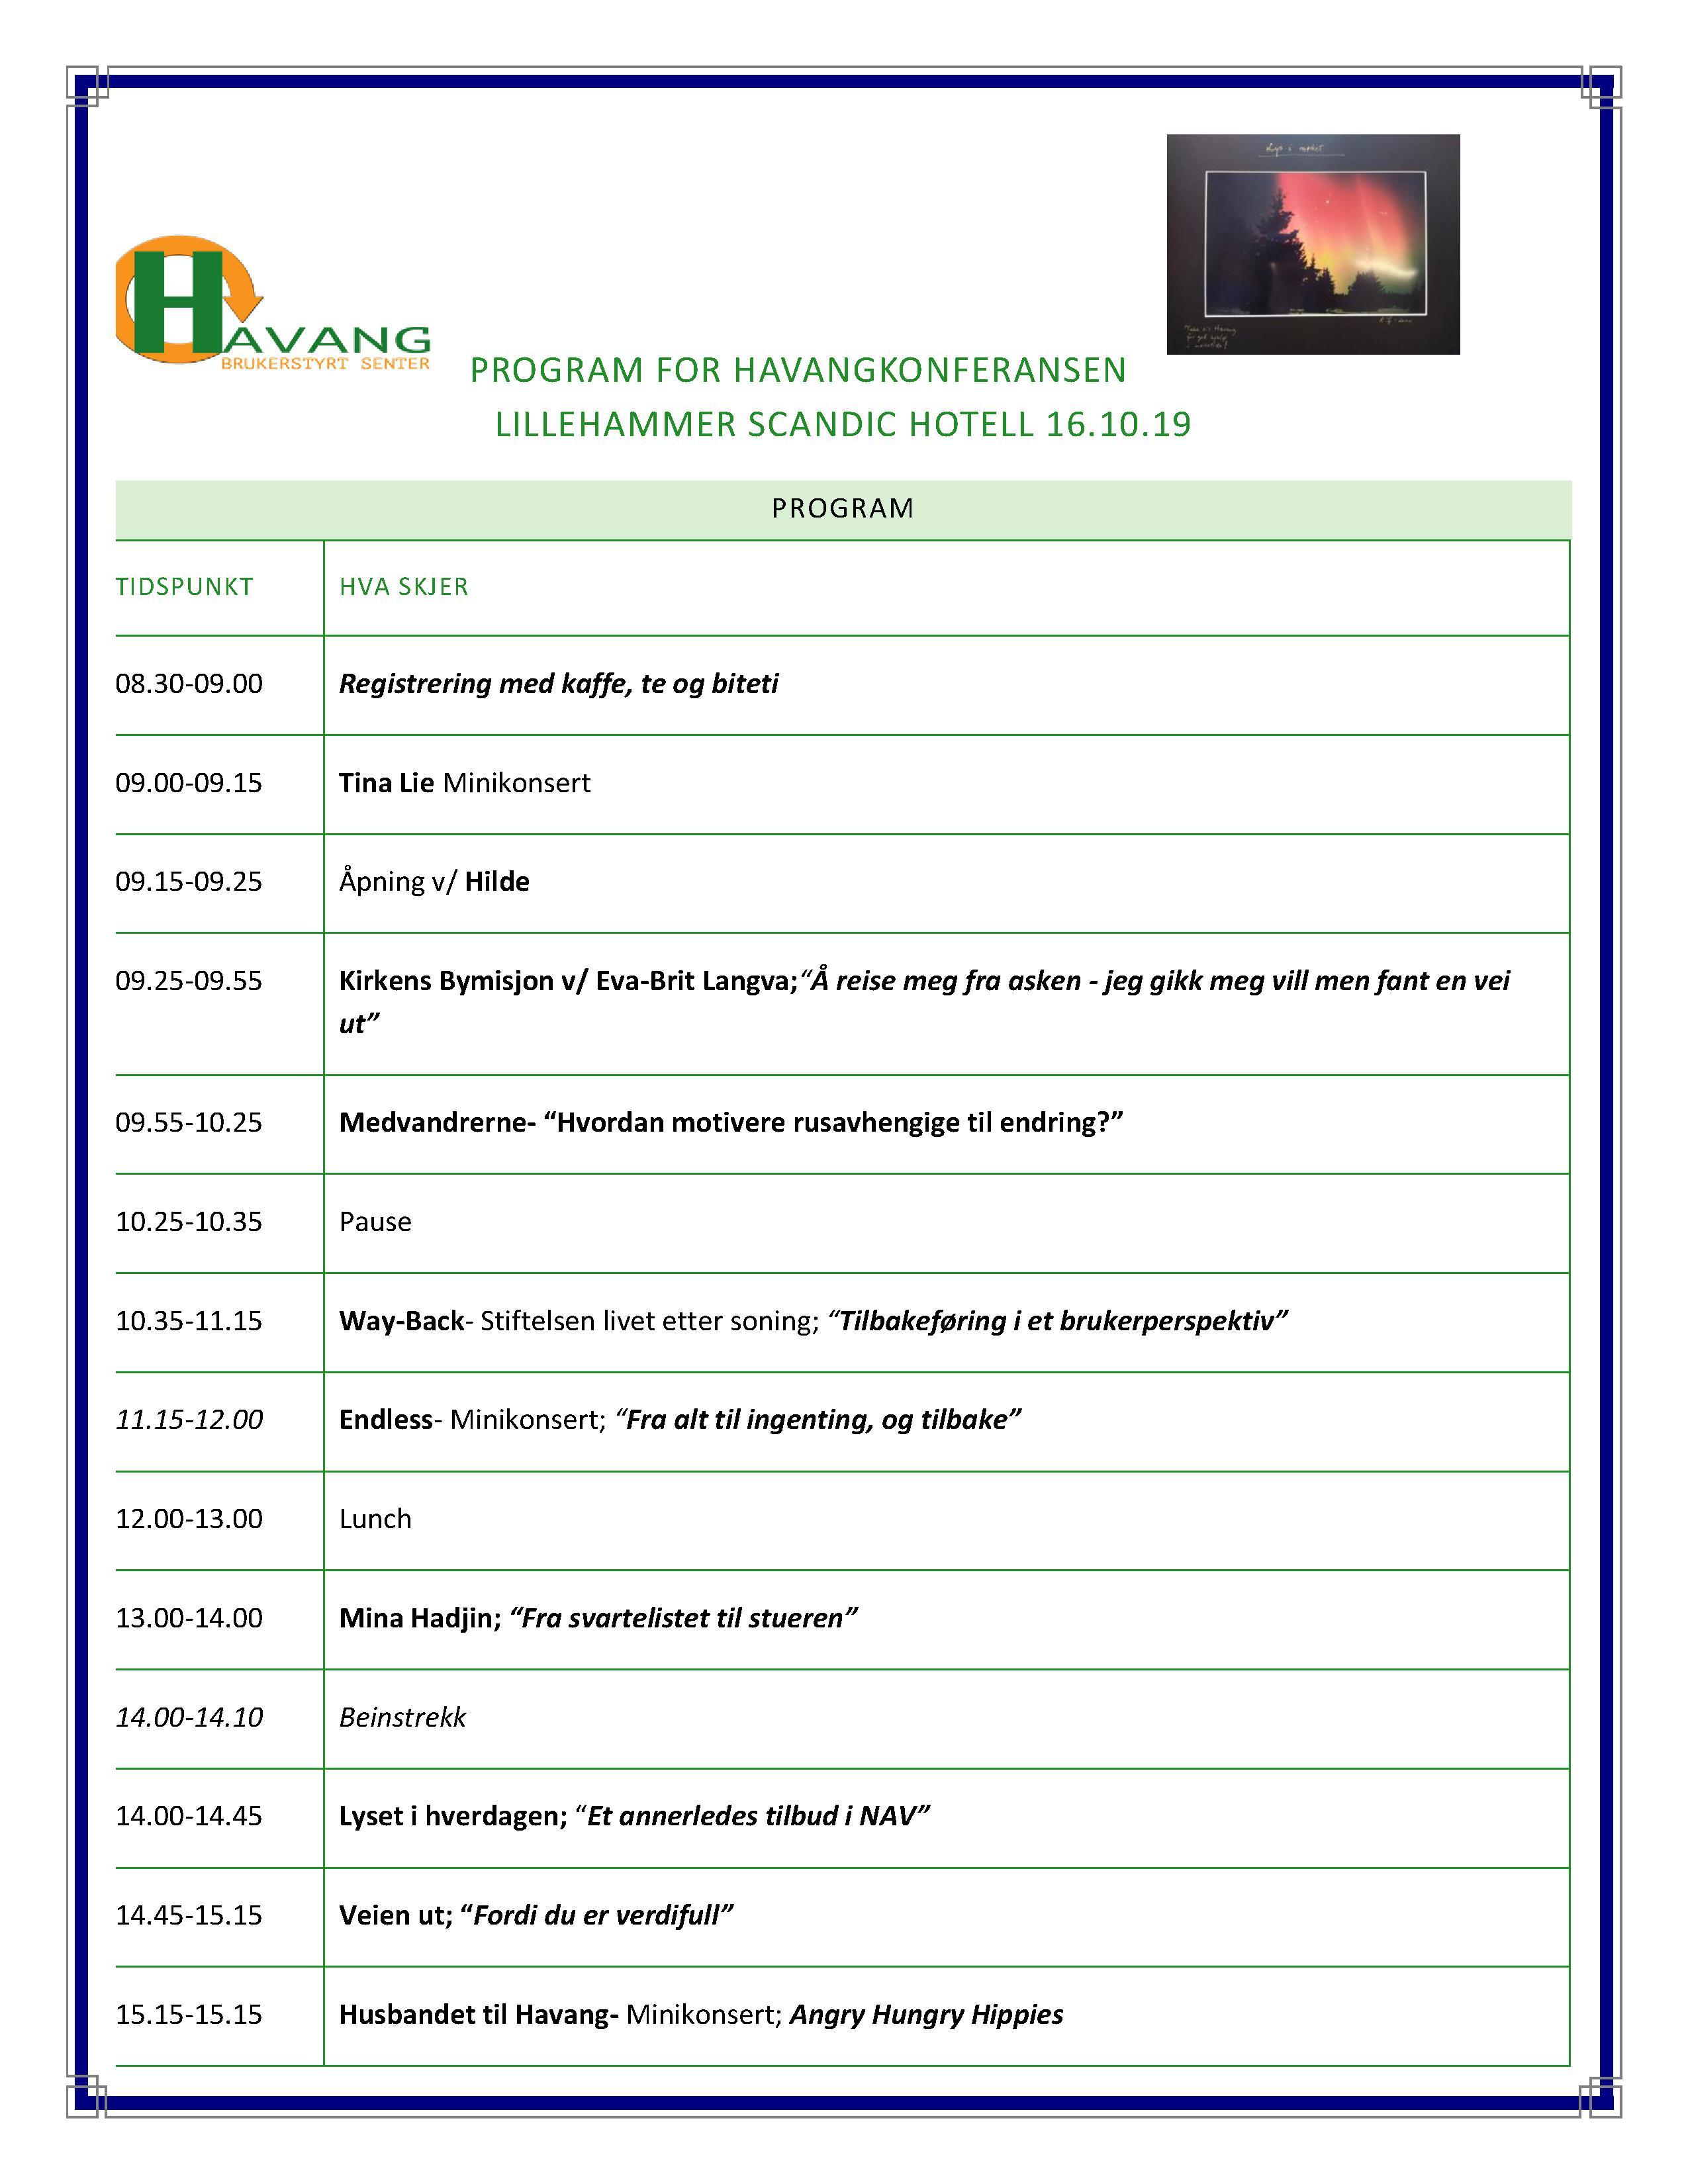 Program For Havangkonferansen